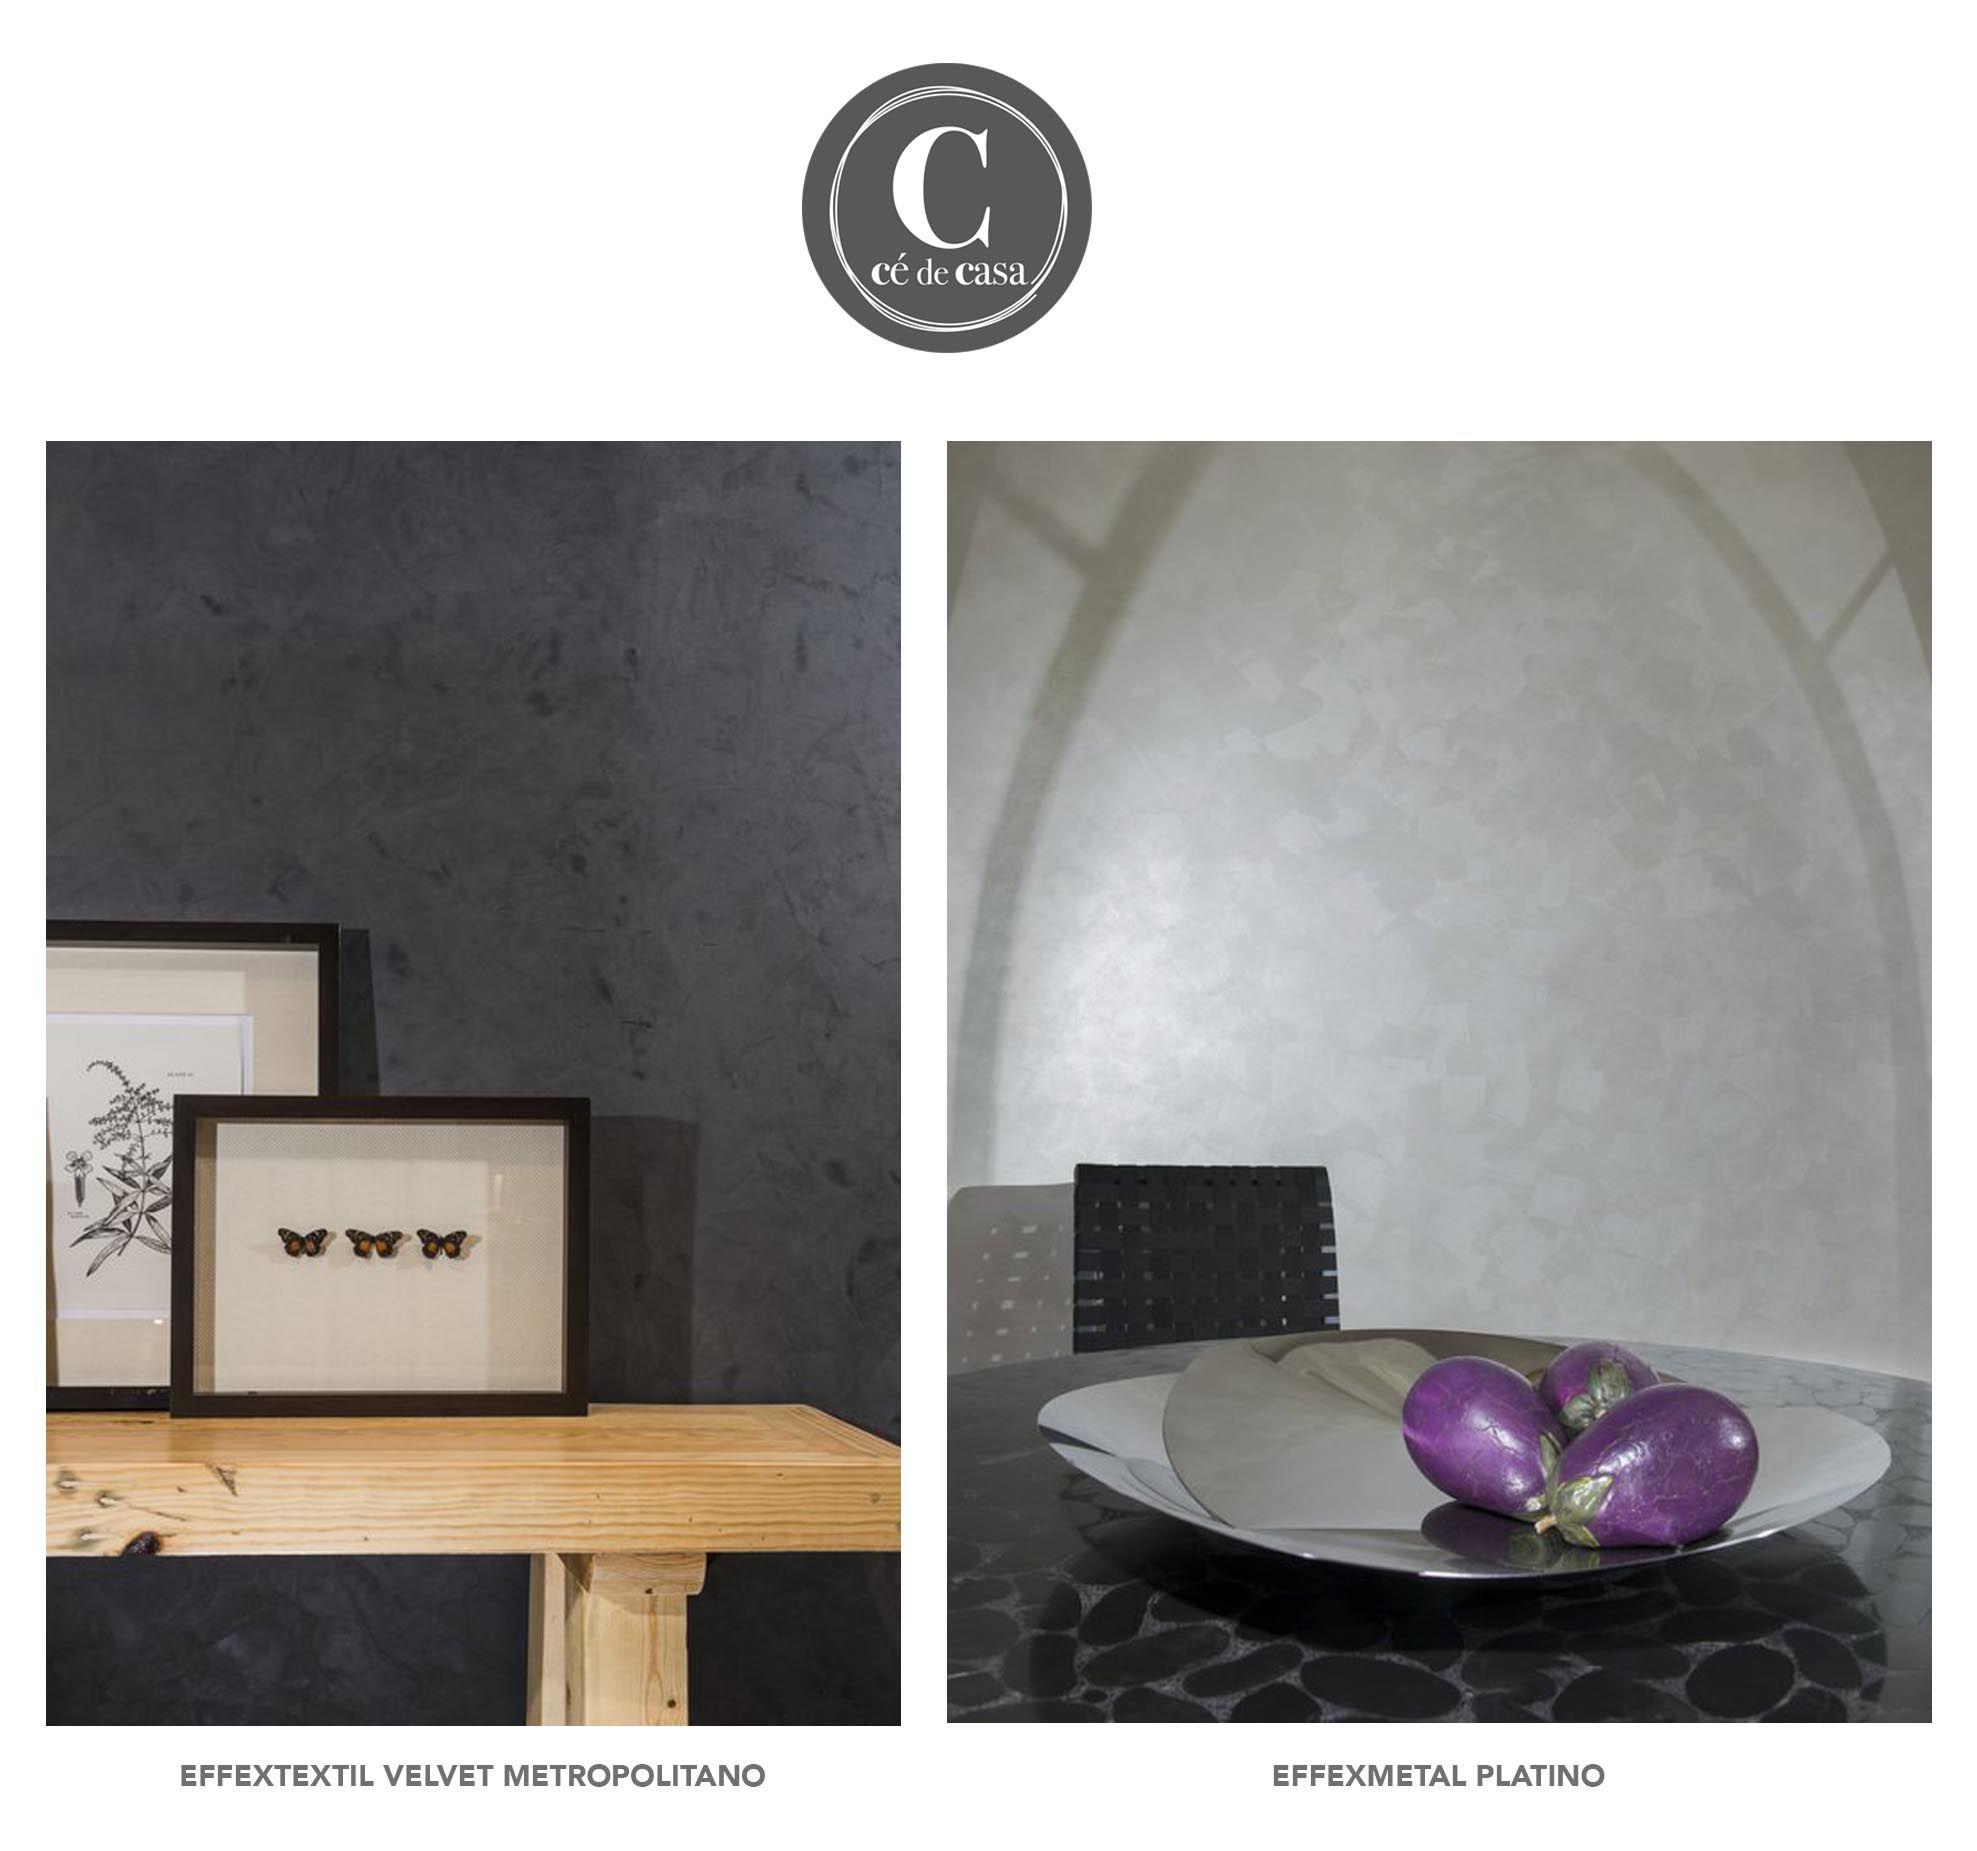 Usa tonos neutros y obtén un sofisticado toque de color. Pregunta por nuestro servicio de Diseño de Interiores.  www.cedecasa.com.mx/interiorismo/empresa/  #megusta #diseñodeinteriores #cedecasa #comex #diseñointerior #diseñomexicano